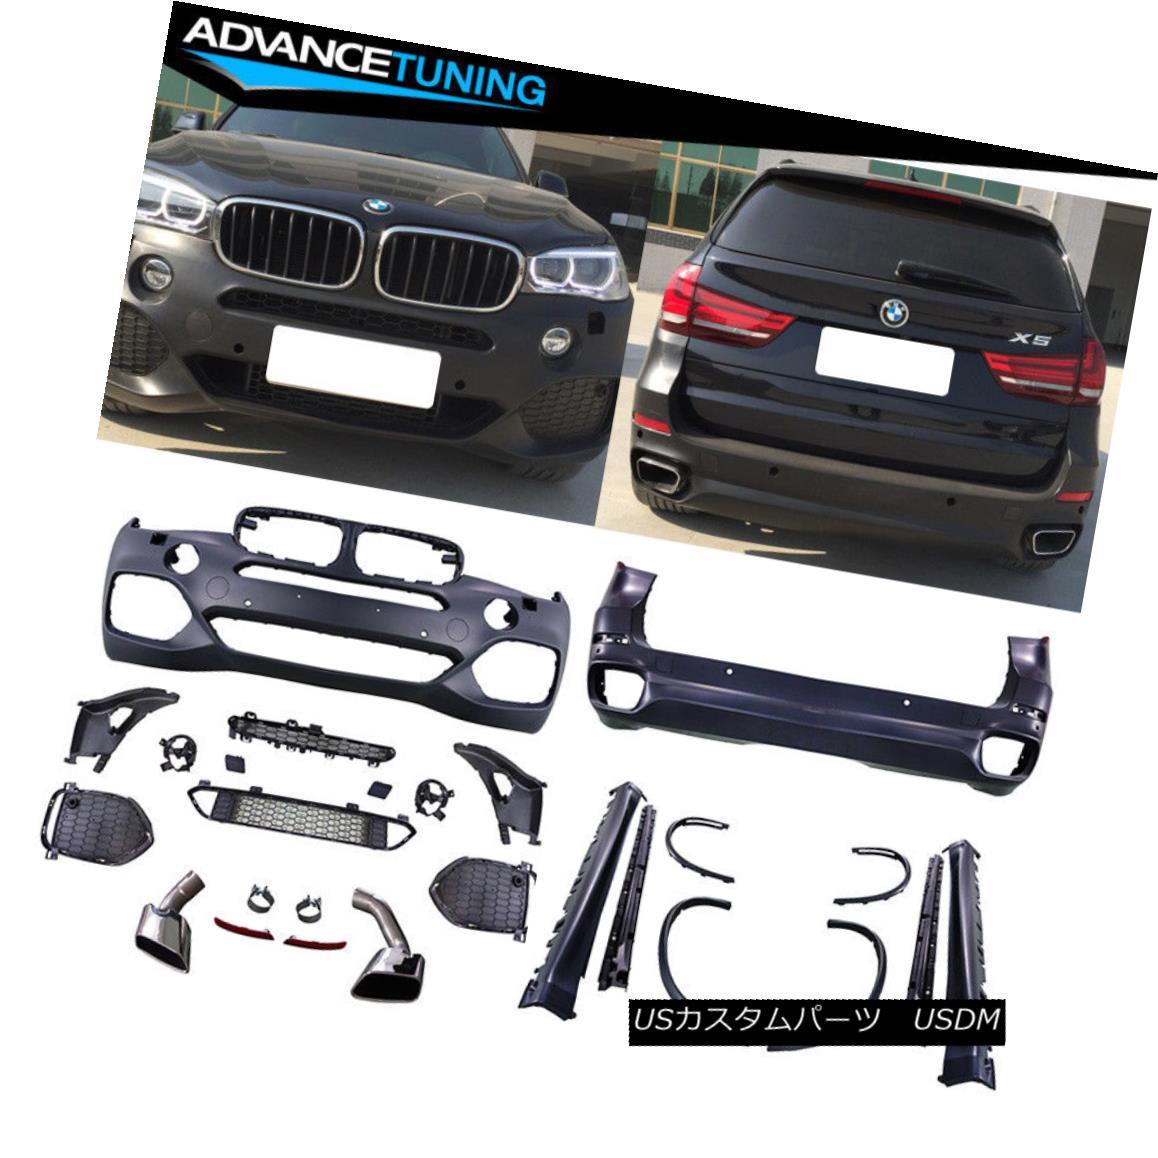 エアロパーツ Fits 14-17 BMW F15 X5 M-Tech Complete Kits Full Conversion Black PP フィット14-17 BMW F15 X5 M-TechコンプリートキットフルコンバージョンブラックPP